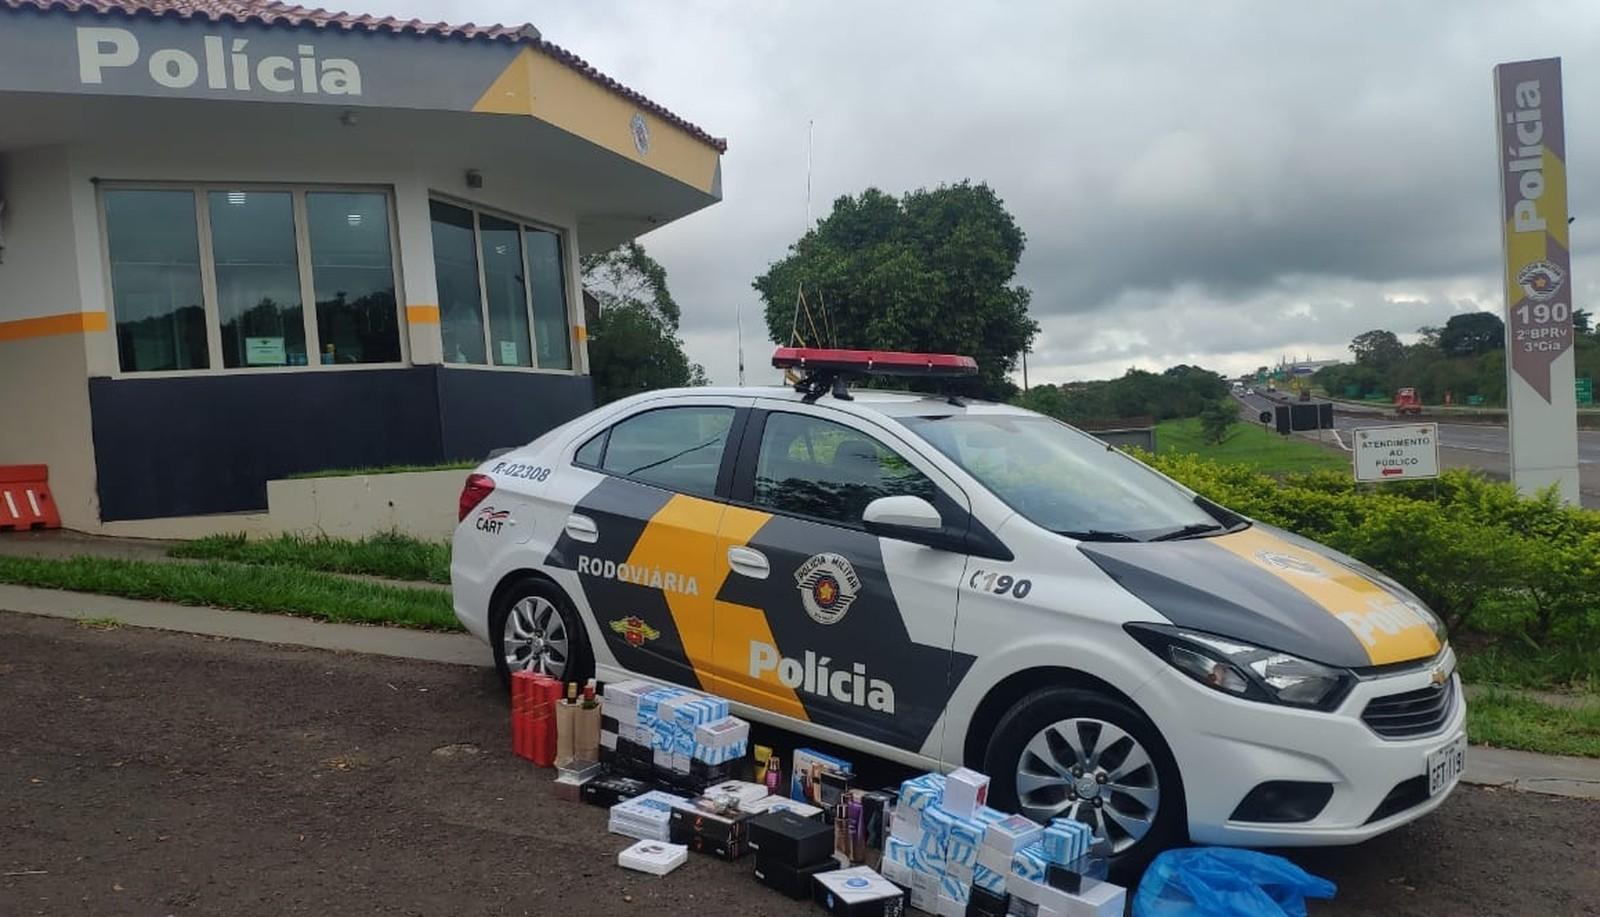 Polícia Rodoviária apreende eletrônicos e perfumes contrabandeados na Raposo Tavares — Foto: Polícia Rodoviária/Divulgação